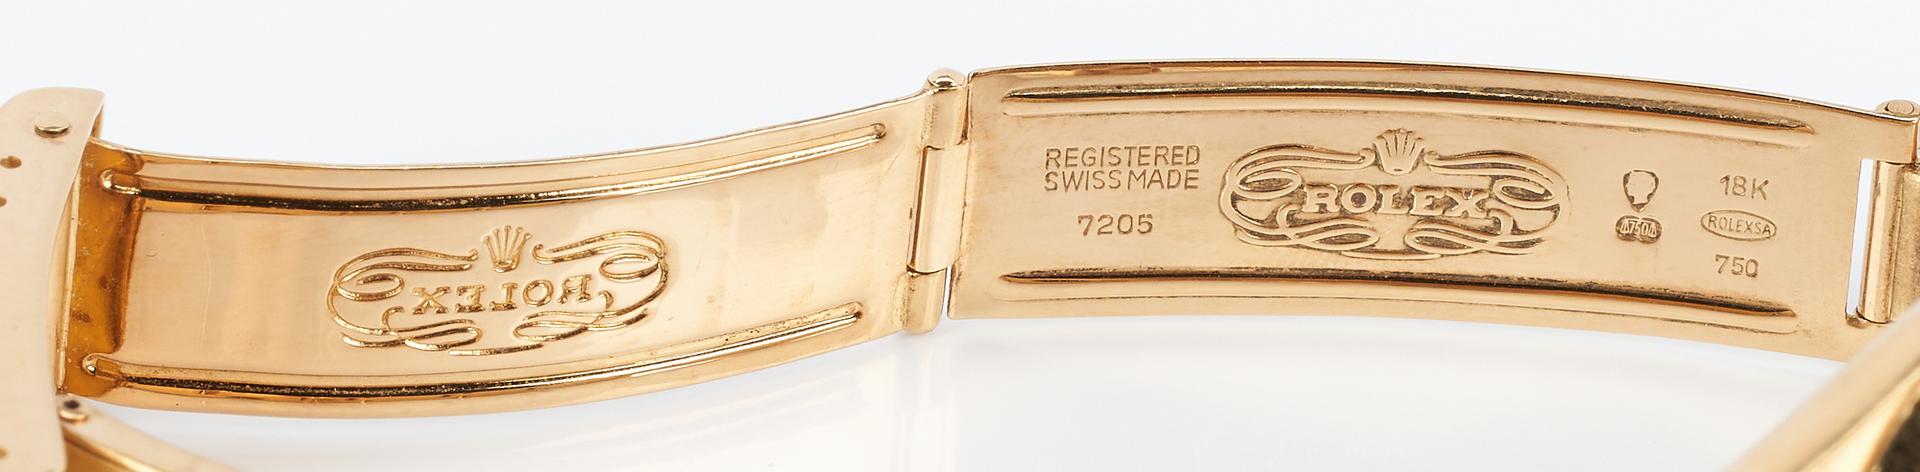 Lot 42: Rolex 18K Date Model Wrist Watch